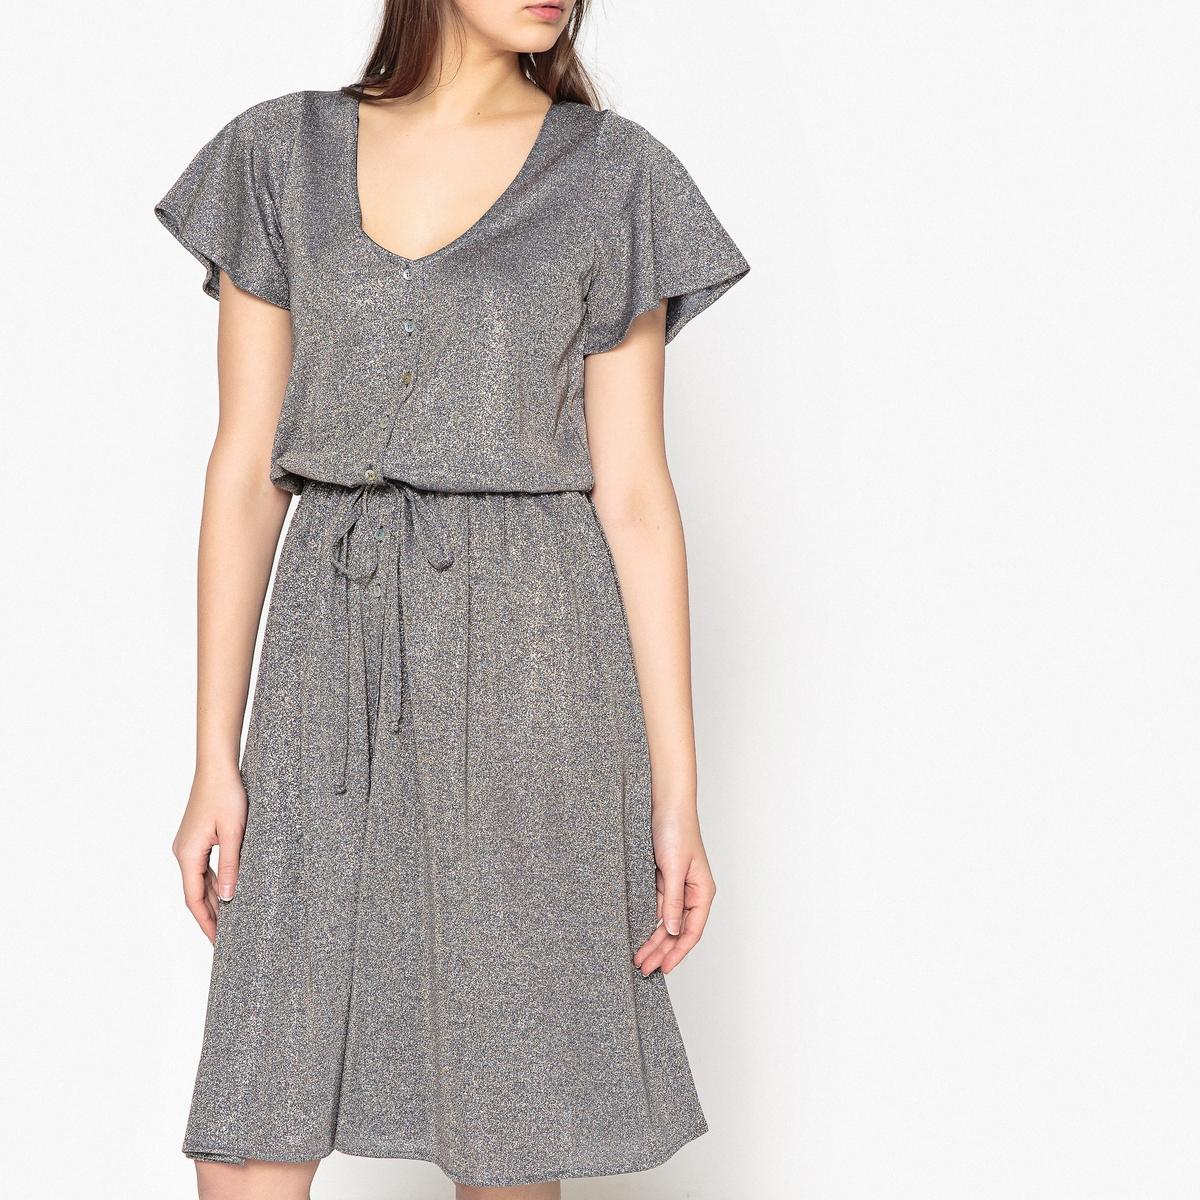 Платье La Redoute С застежкой на пуговицы из струящейся ткани с радужным отливом NUIT DIVRESSE M серебристый пиджак с застежкой на пуговицы sartorio